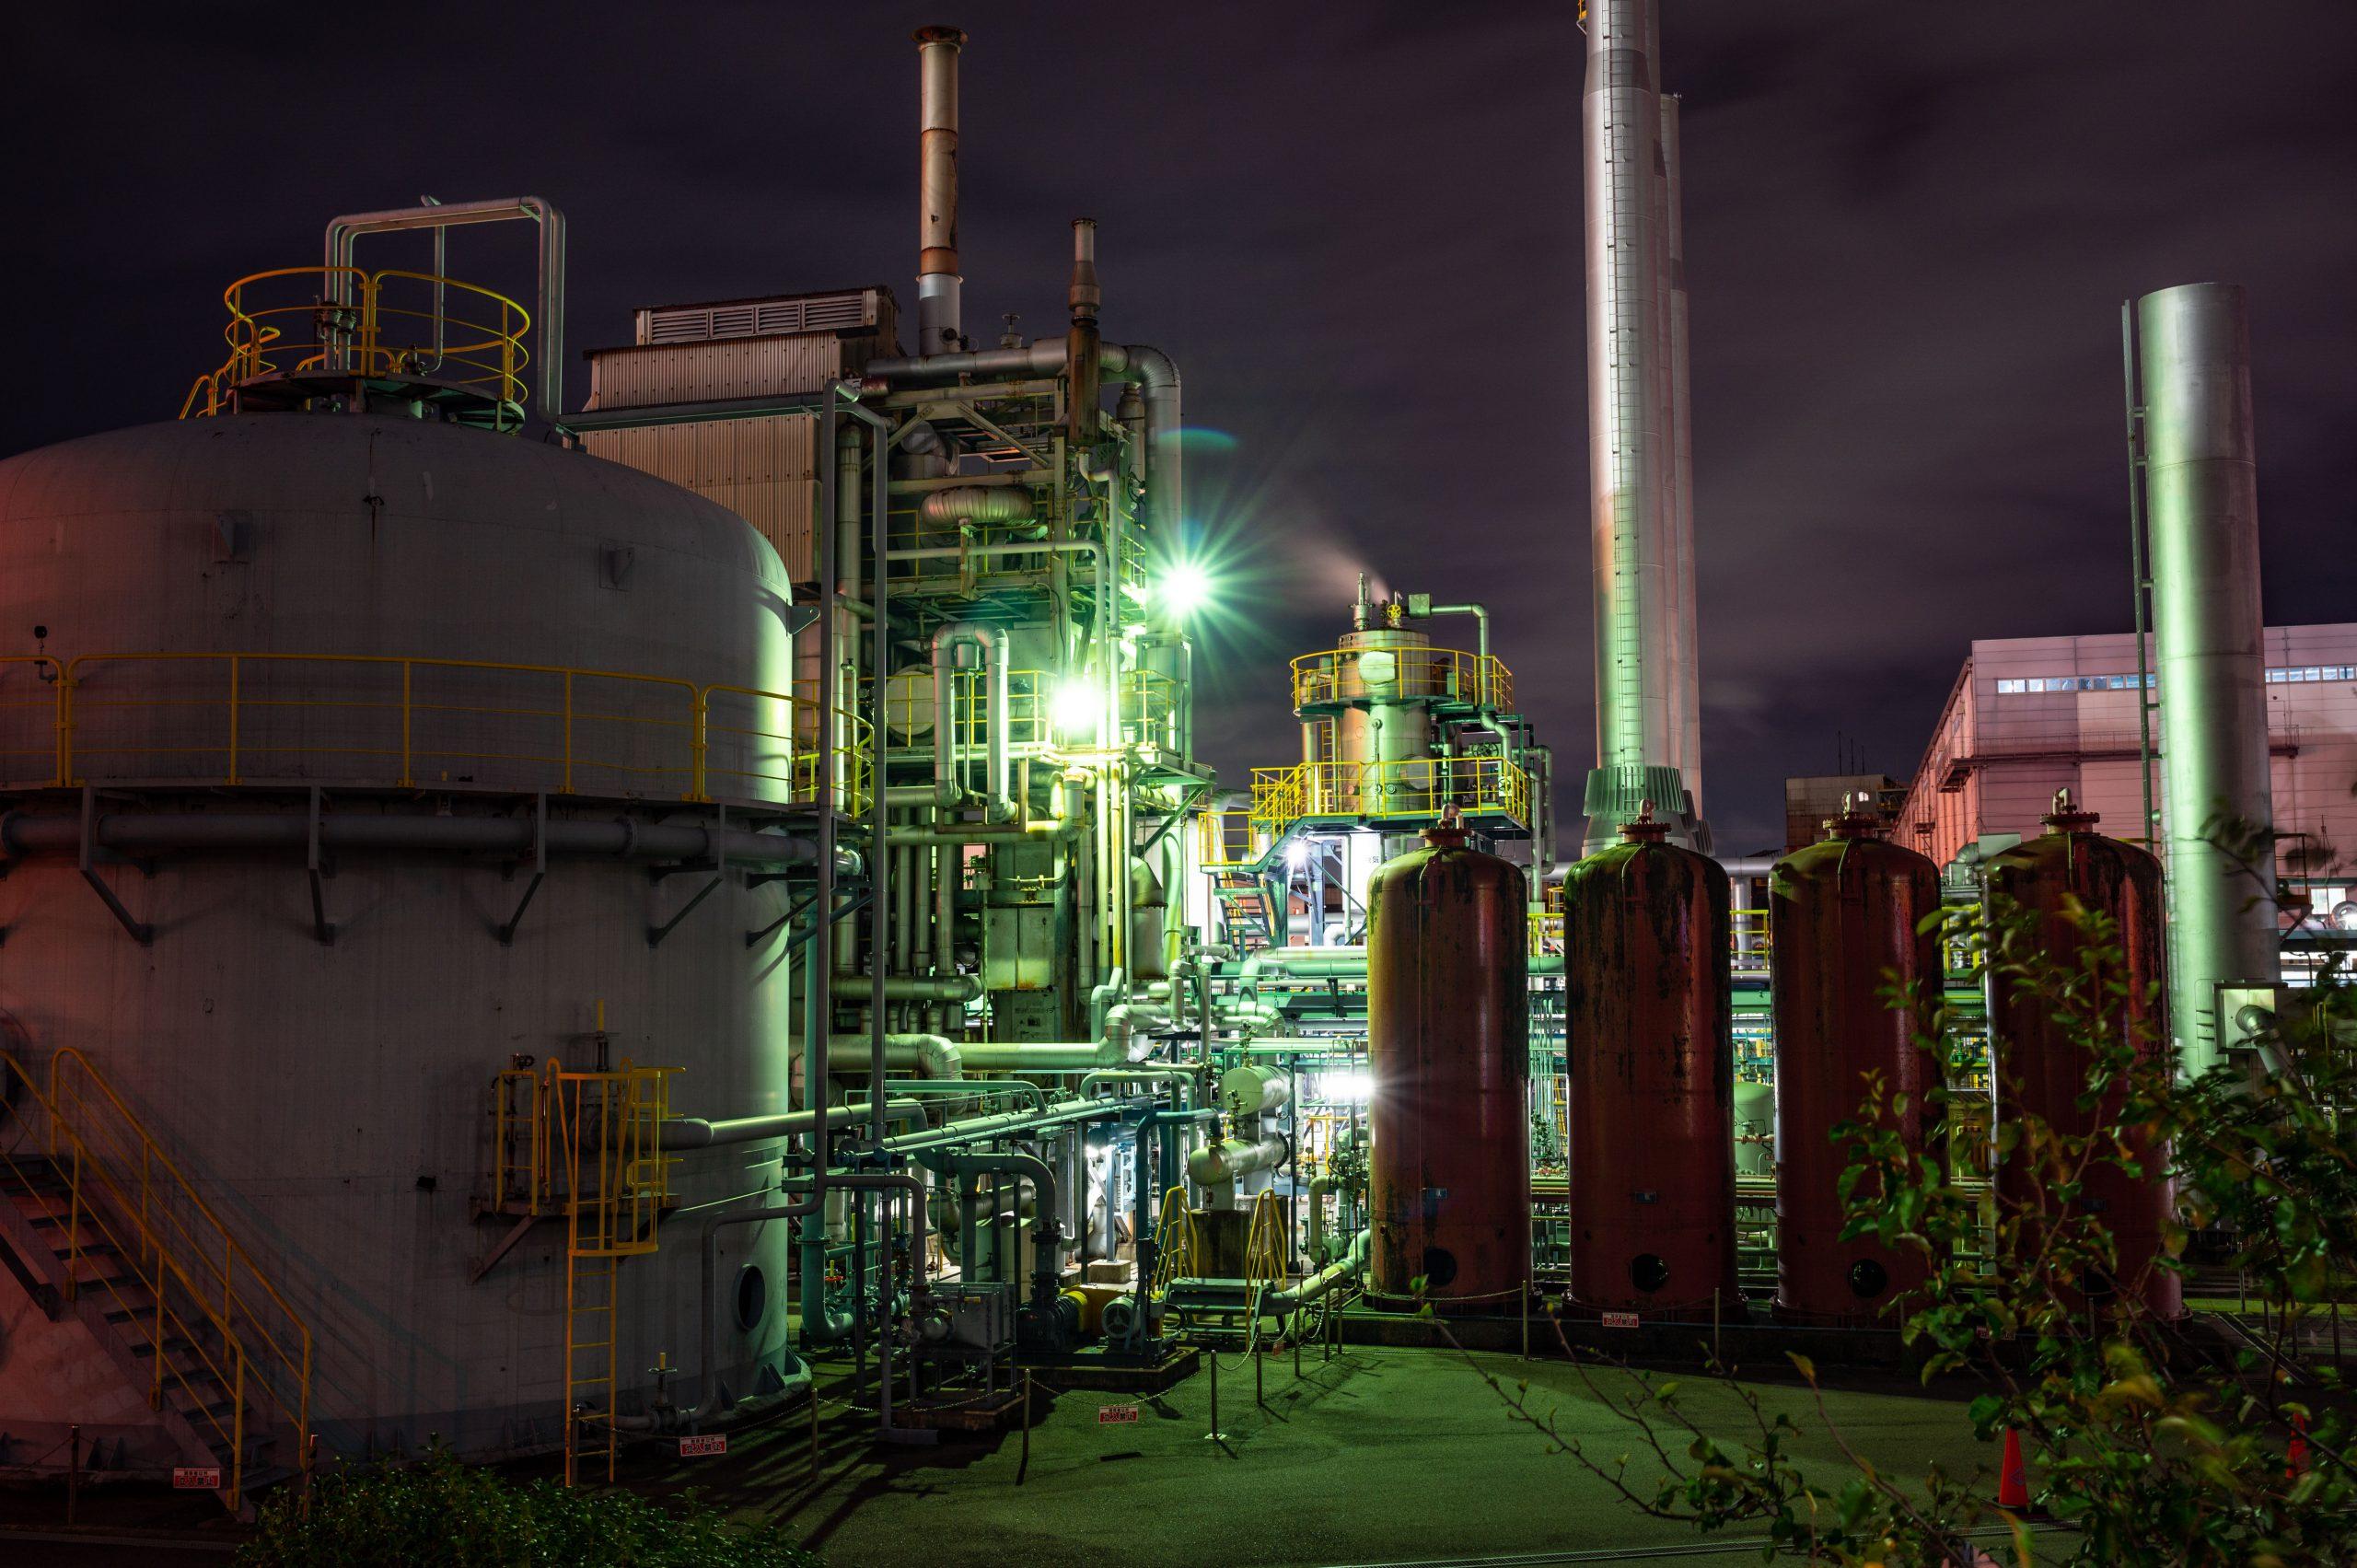 関西熱化学 工場夜景